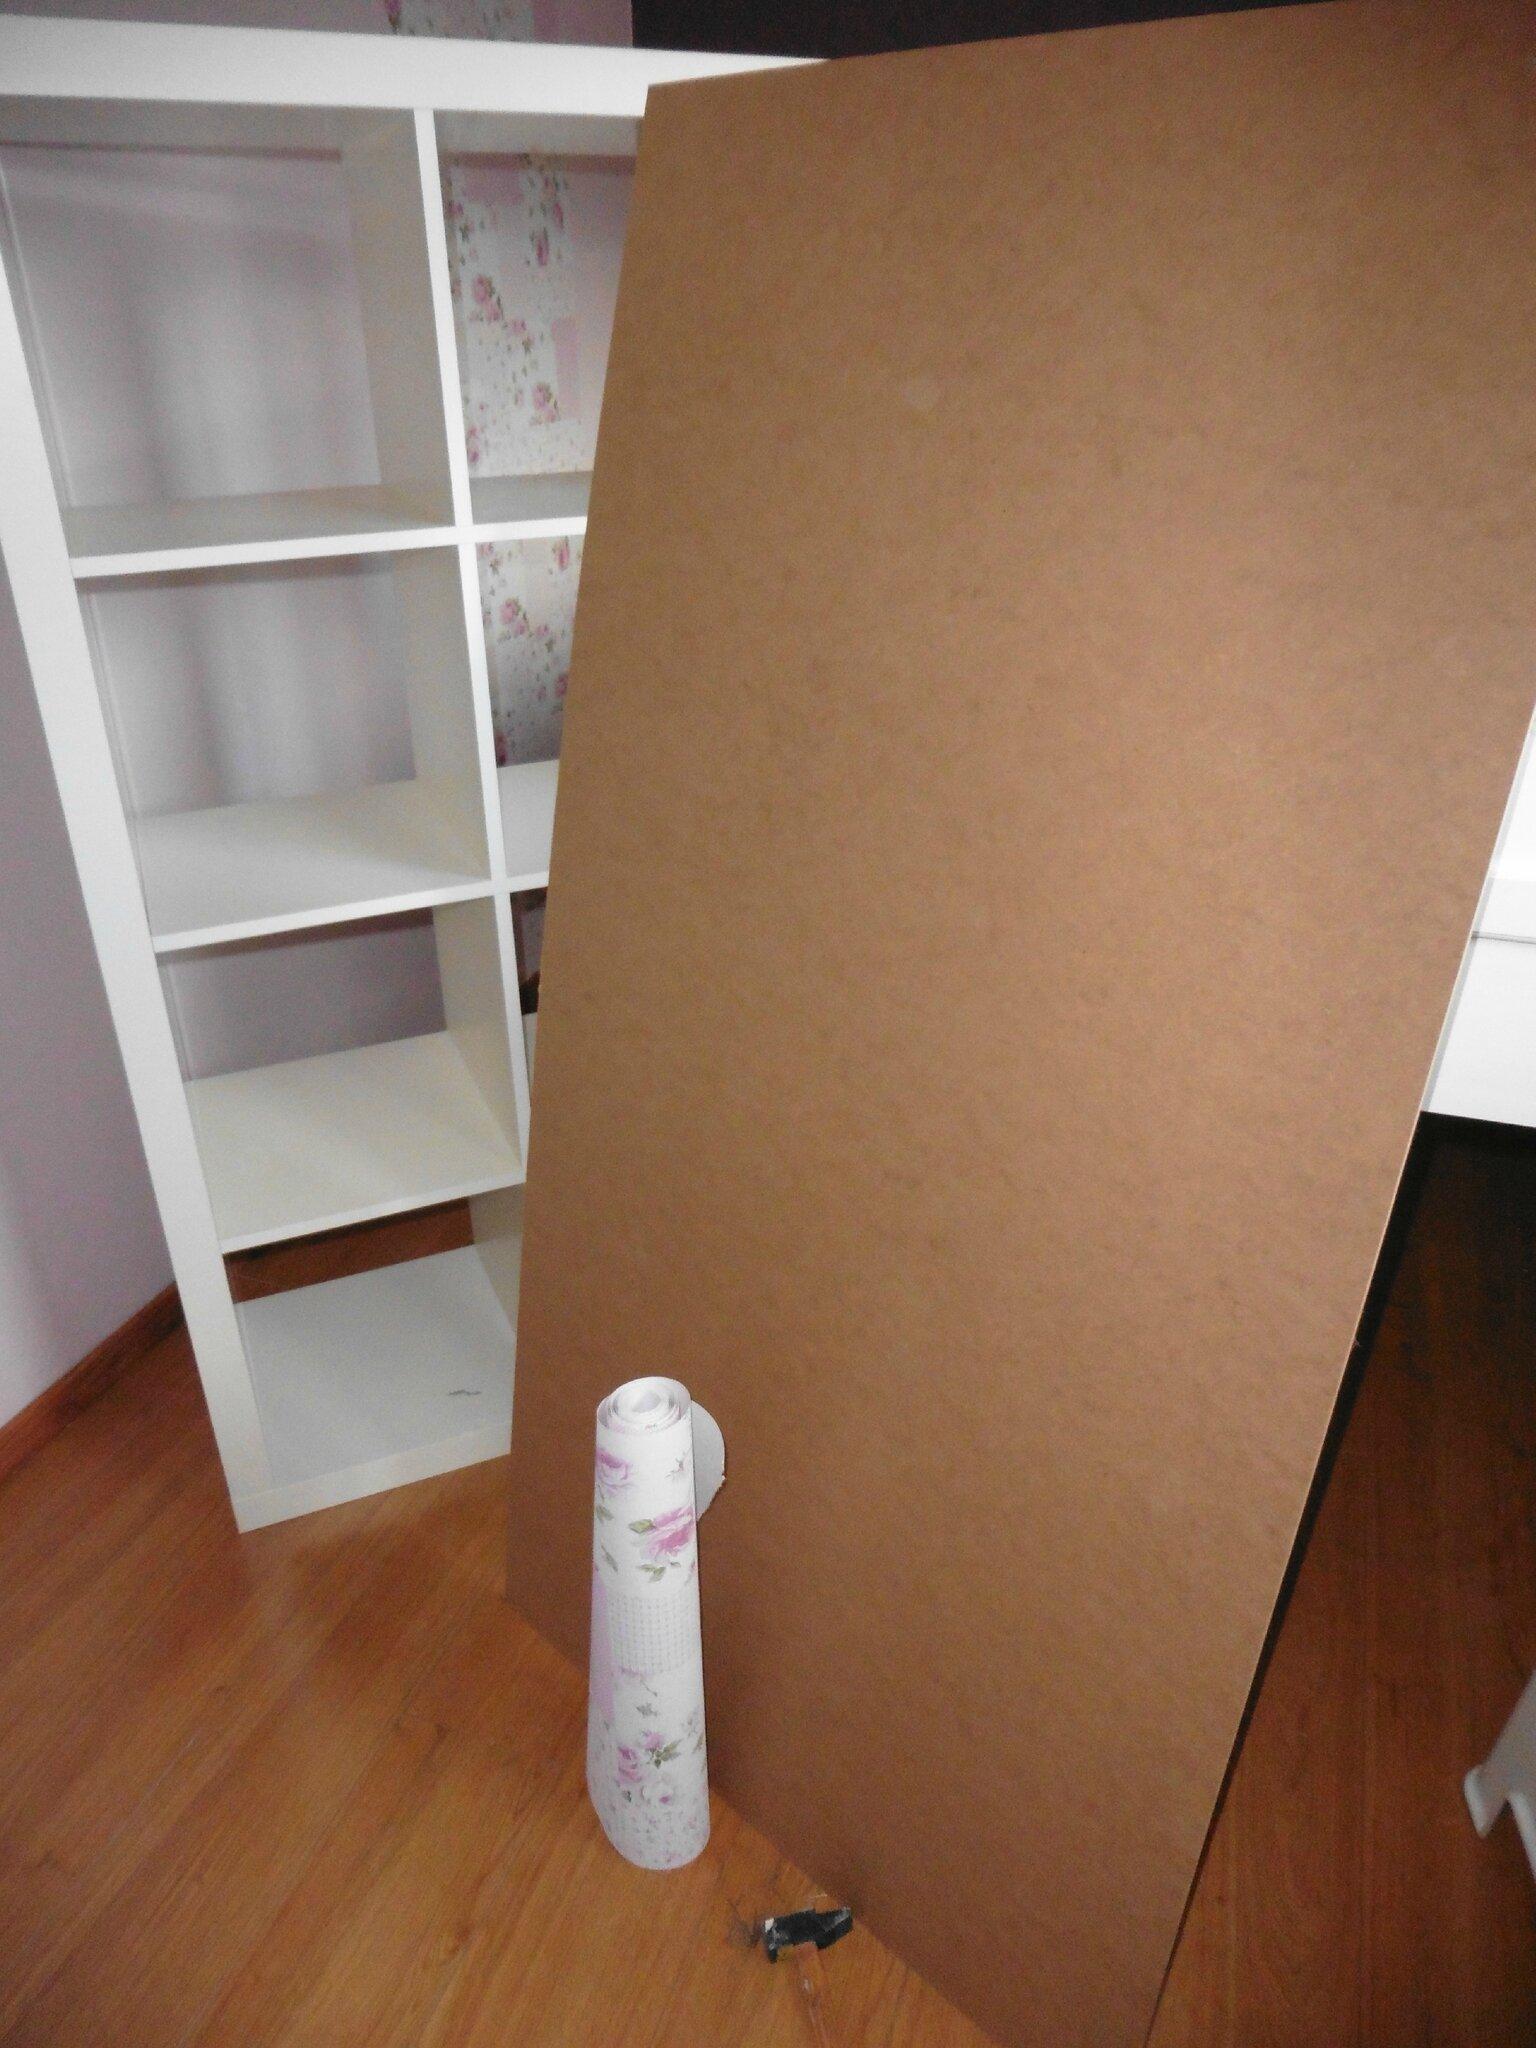 Customiser rapidement un meuble ik a littleworldofd for Customiser meuble ikea